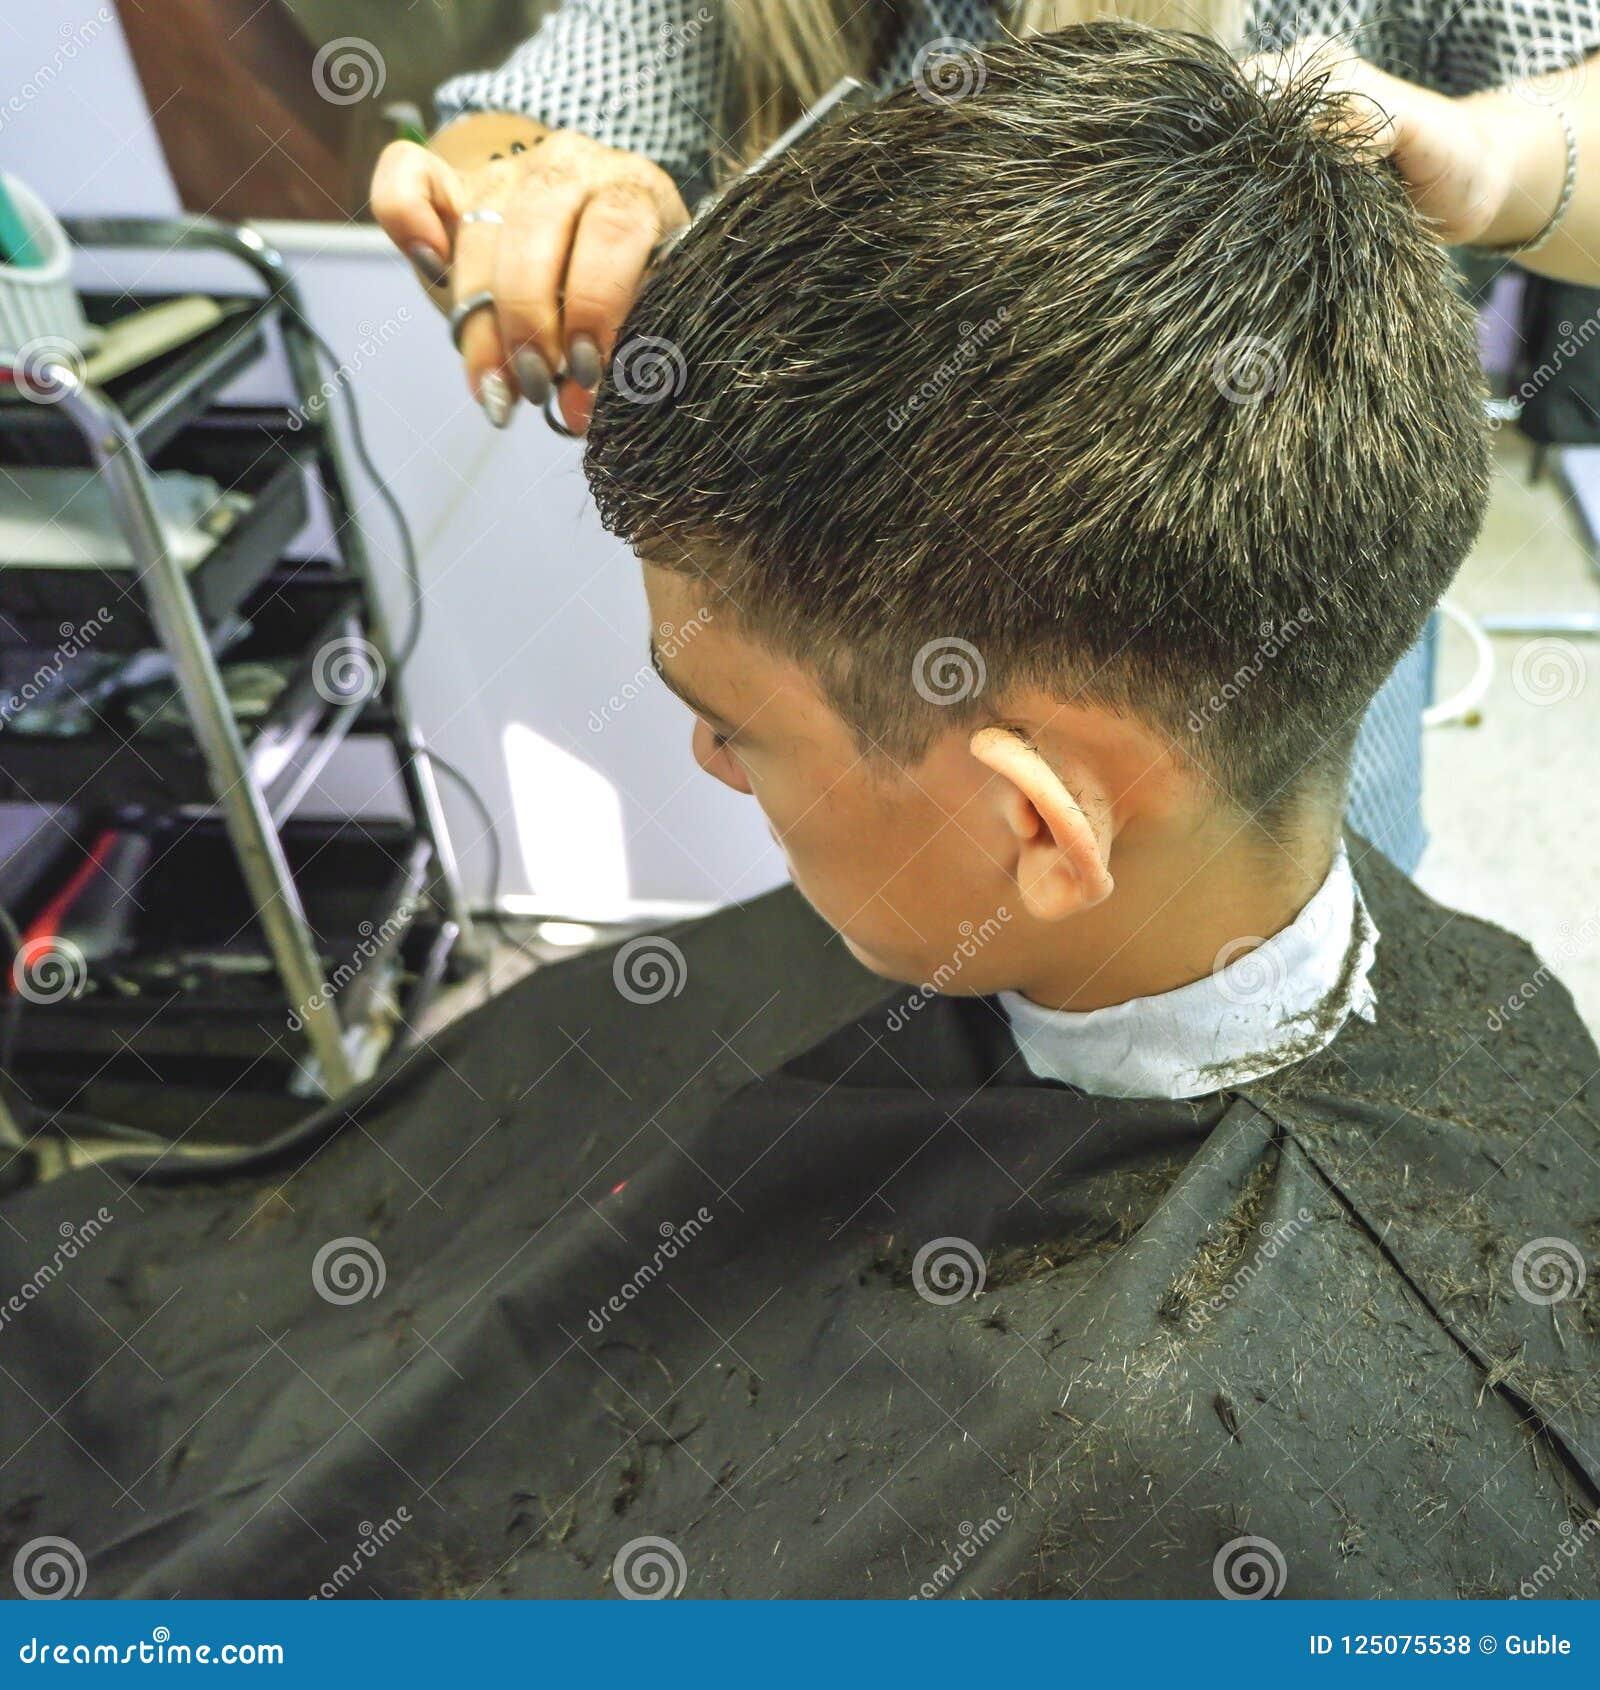 Barbershop O close-up dos cortes de cabelo adolescente, mestre faz o corte de cabelo do cabelo na barbearia